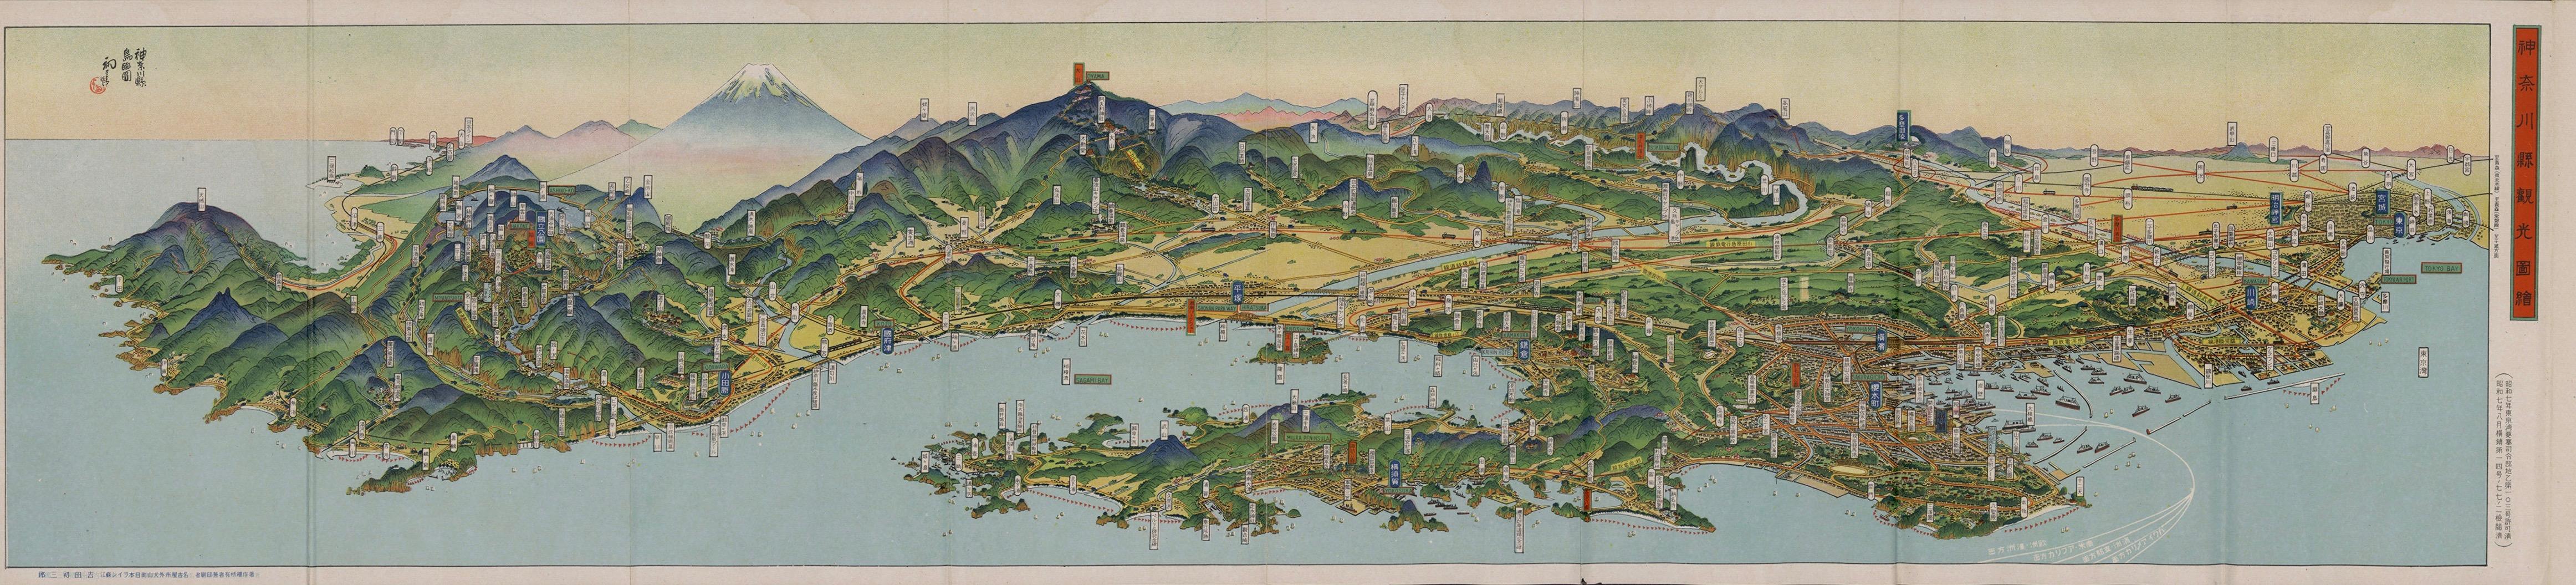 01 Kanagawa Prefecture (1934)